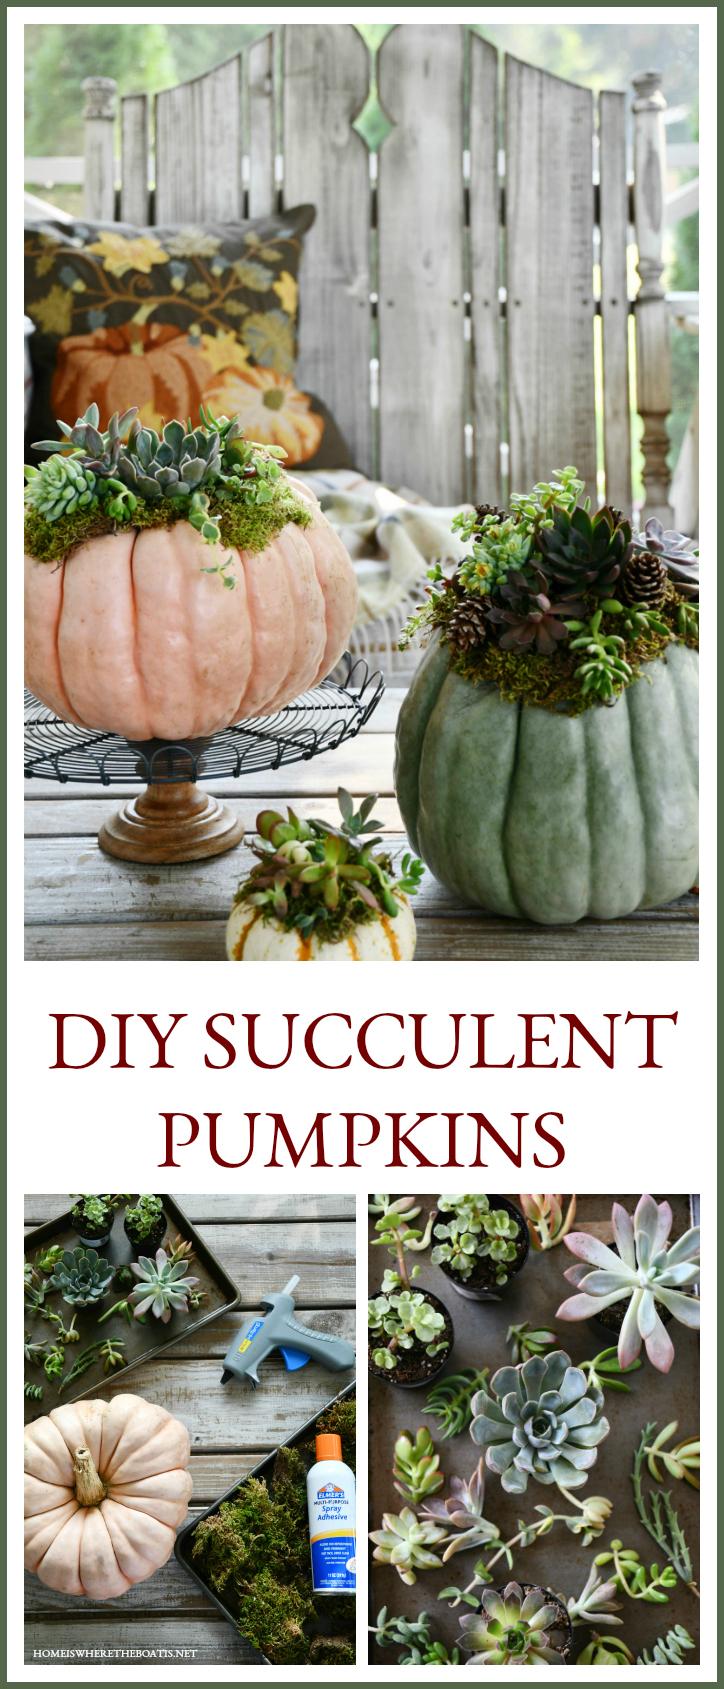 How to Create a Succulent Pumpkin Centerpiece   ©homeiswheretheboatis.net #pumpkin #succulents #centerpiece #DIY #fall #thanksgiving